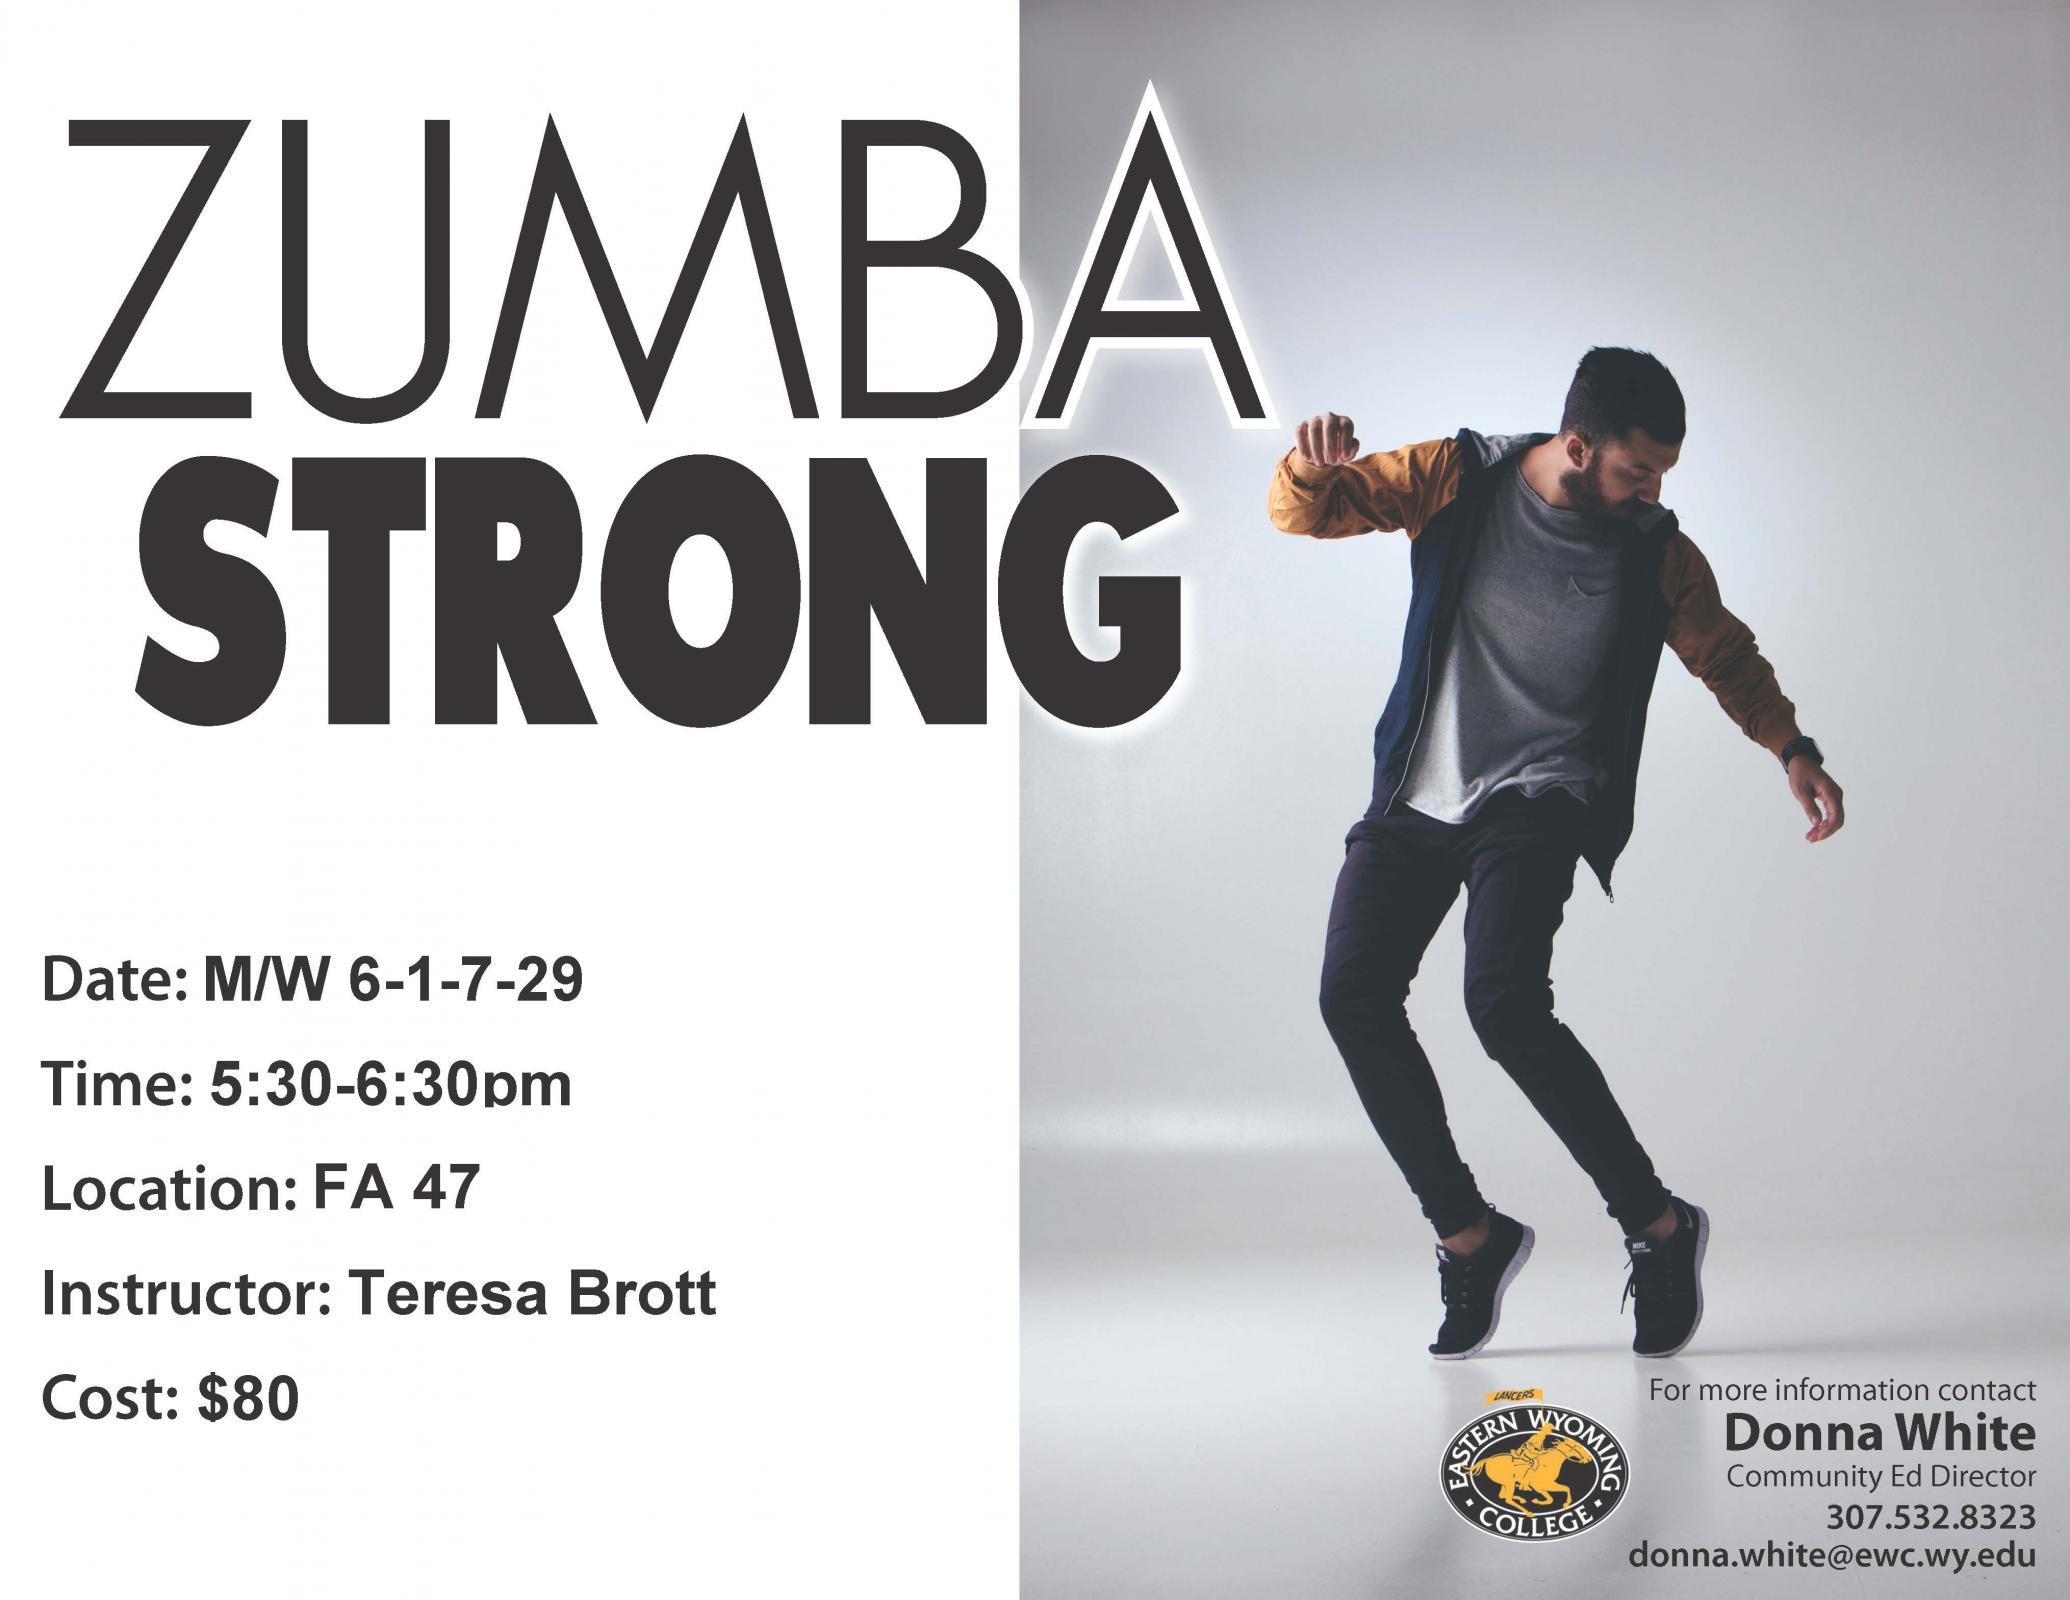 Zumba Strong Photo